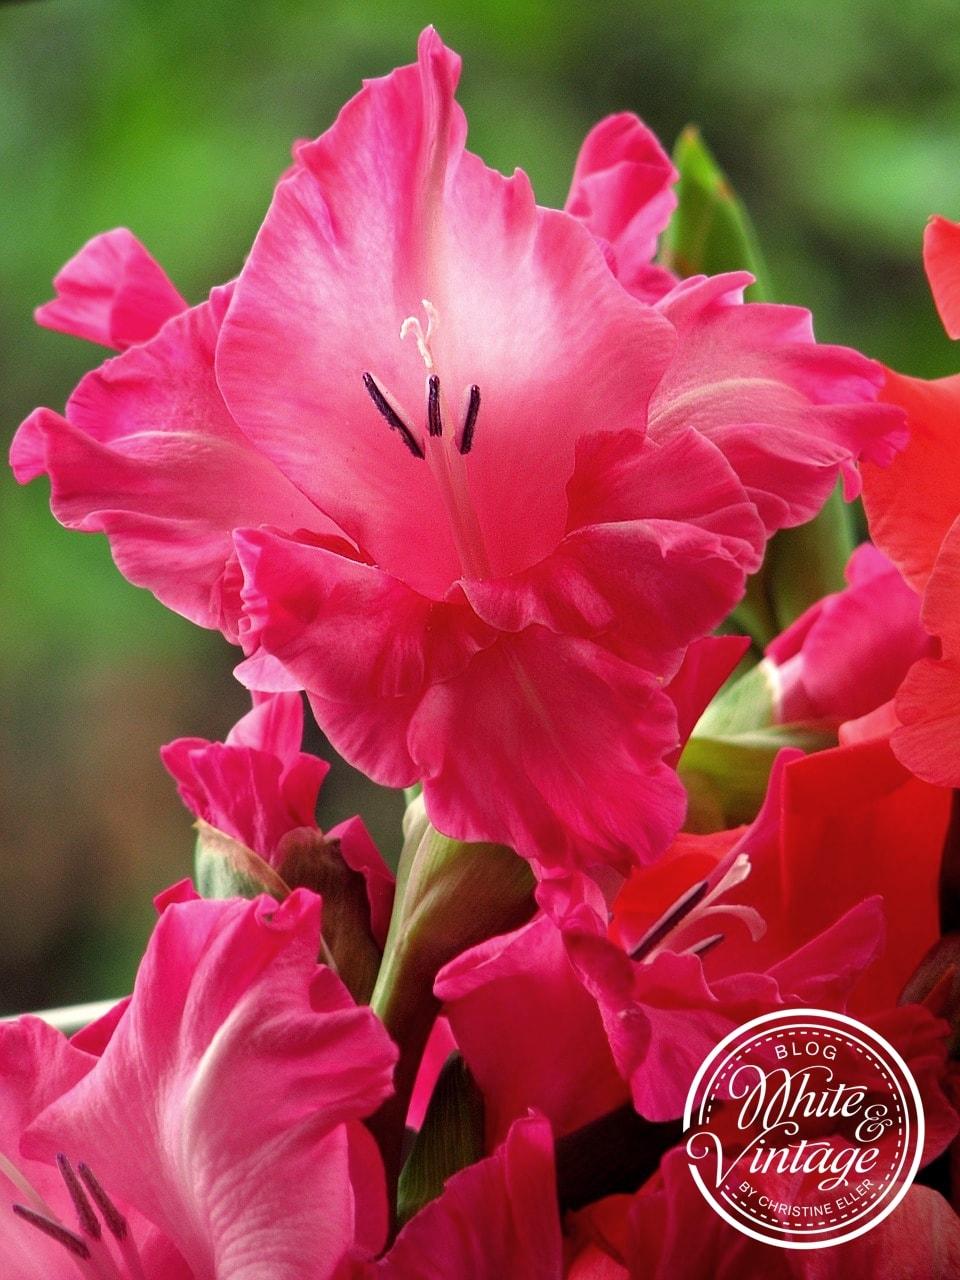 Gladiolen sind sehr beliebte Schnittblumen